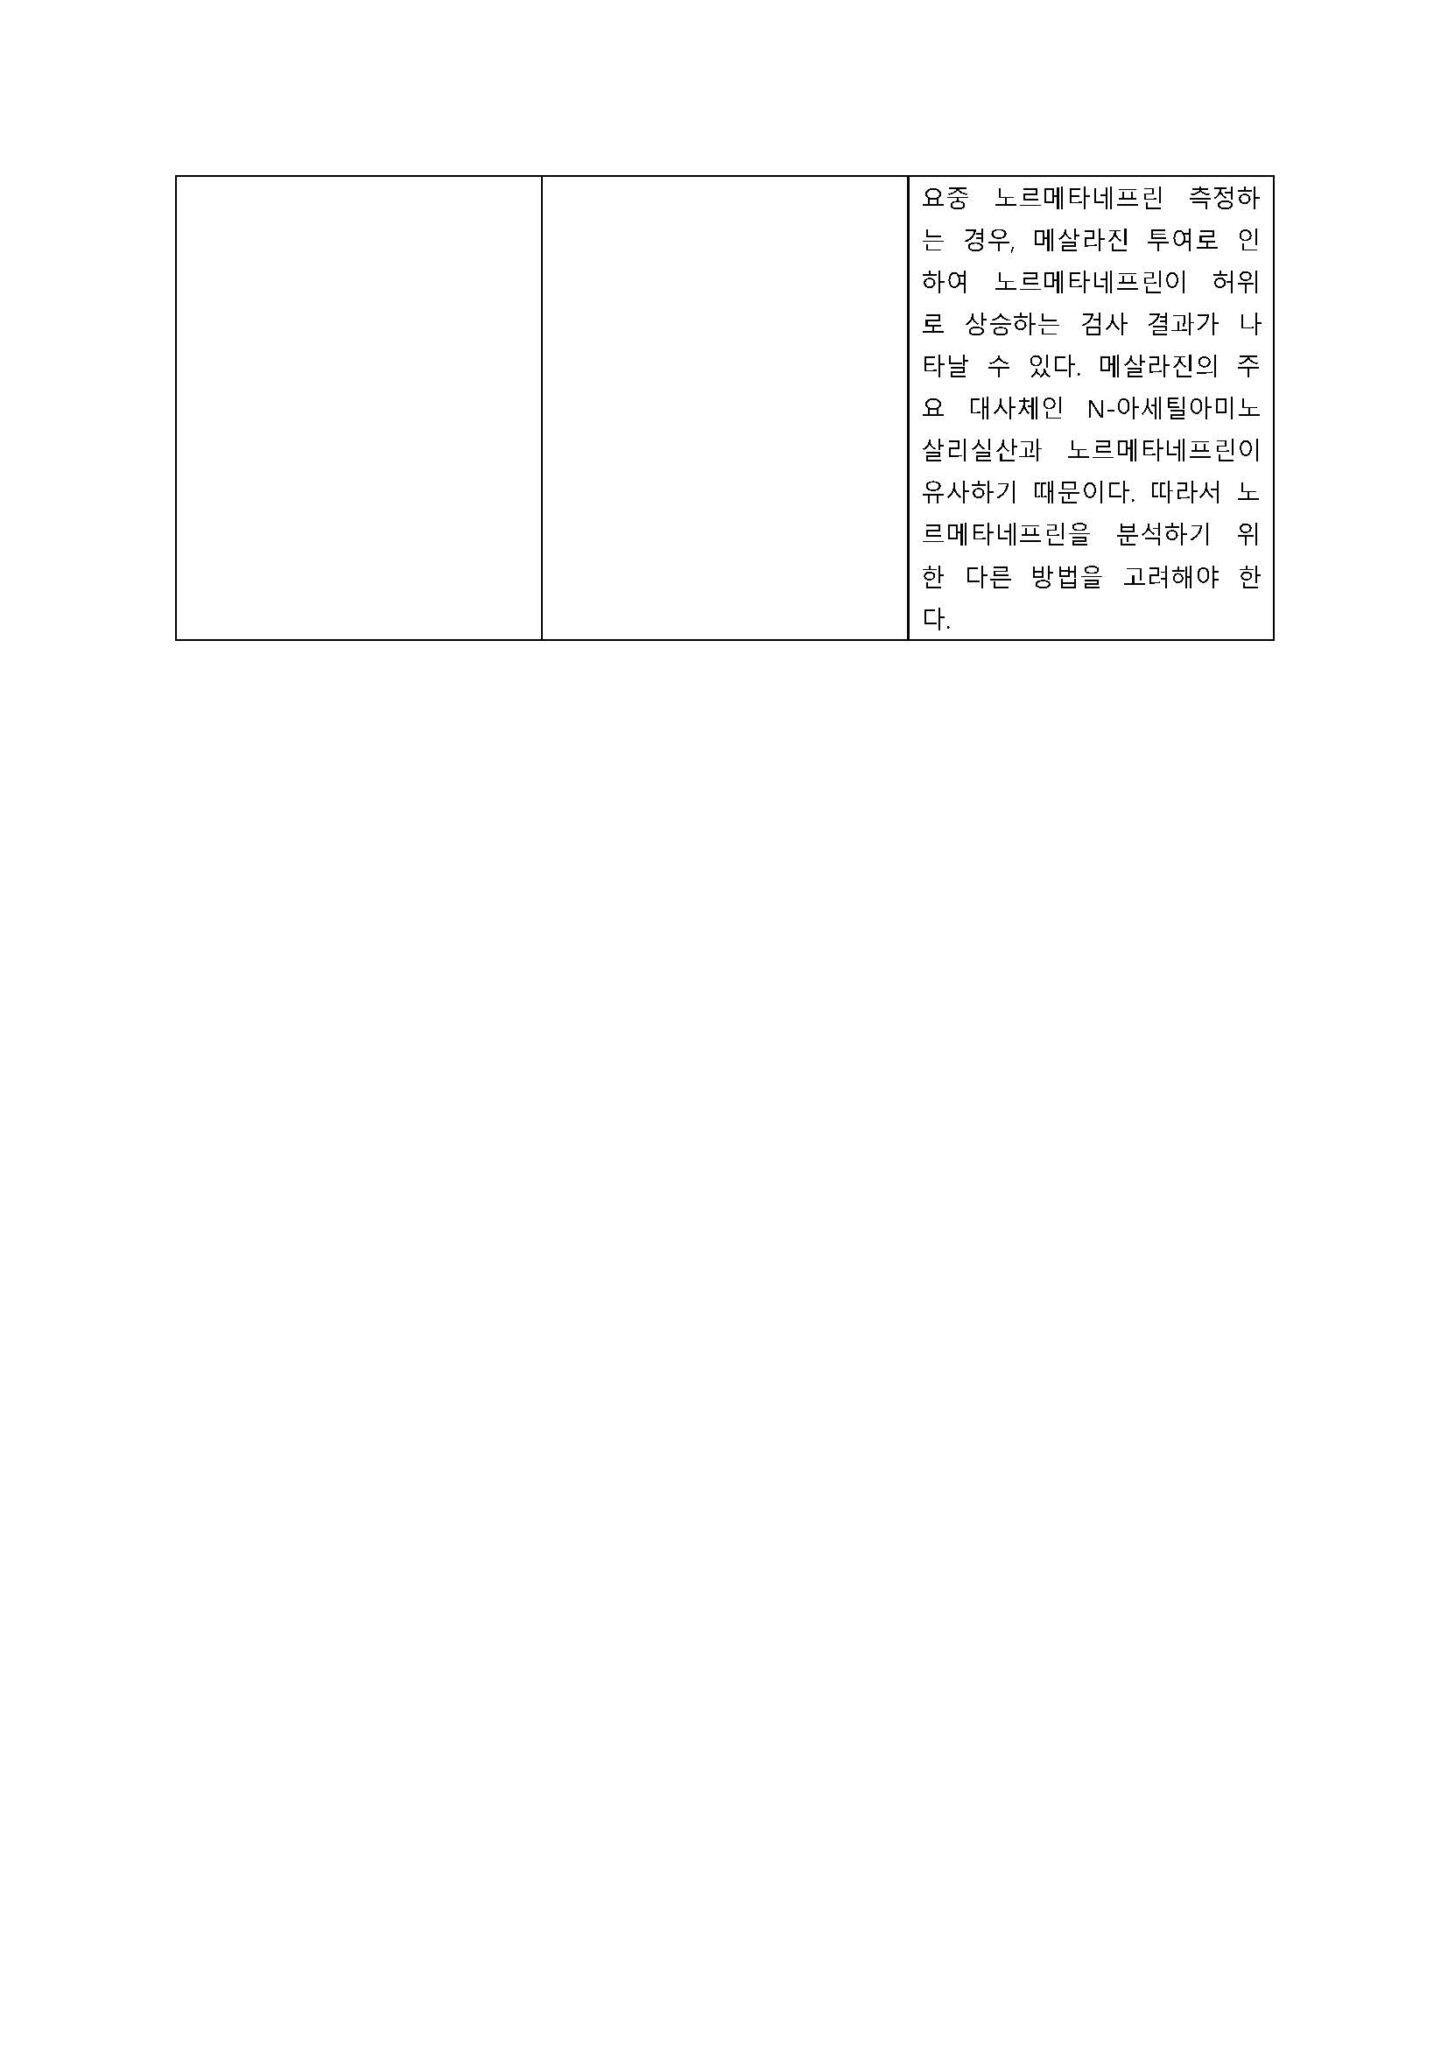 펜타사서방정1g 변경일 2017.04.15